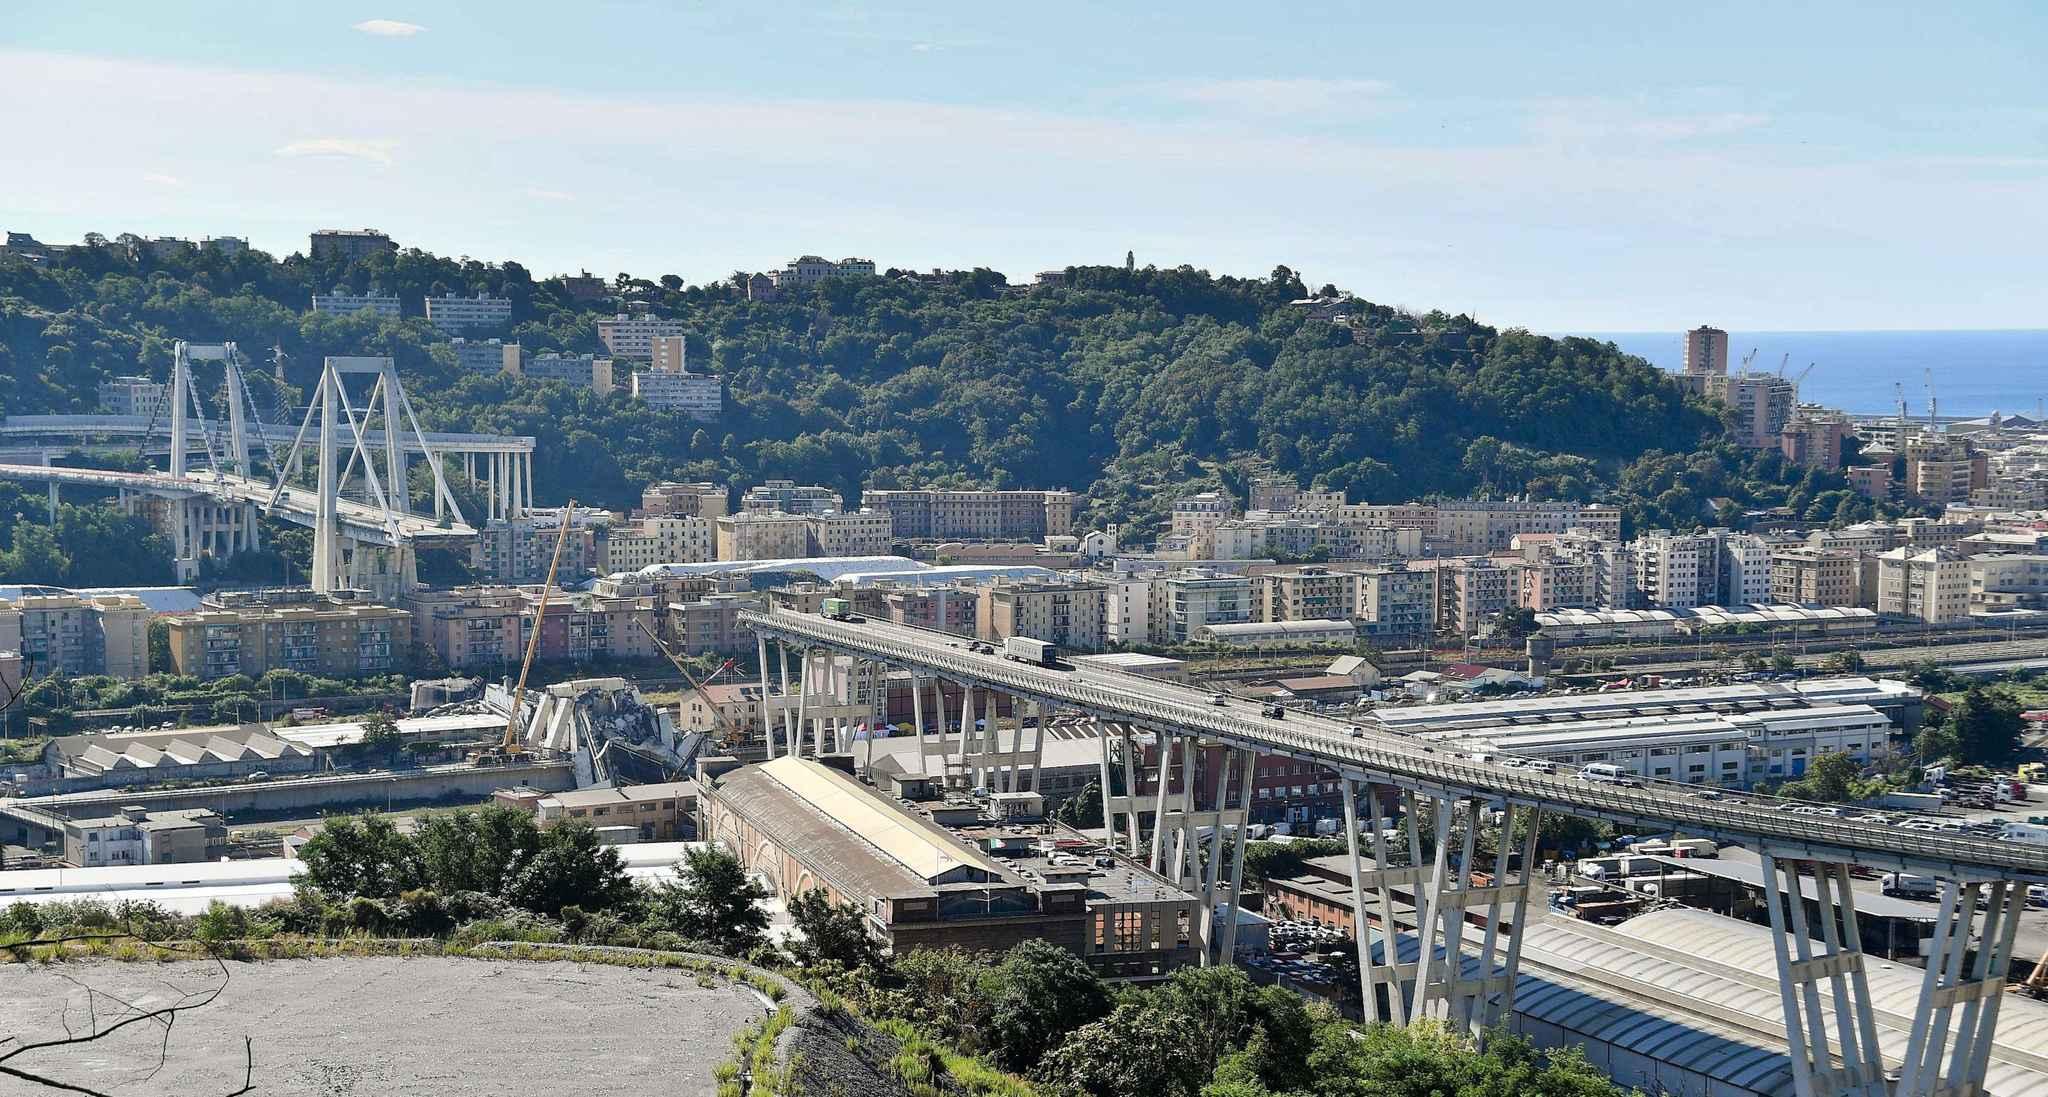 Le drame s'est déroulé en fin de matinée, sous une pluie battante, sur la A10 qui relit Gênes à Vintimille. Dans un énorme grondement, qui a fait craindre aux riverains un tremblement de terre, le pont dit Morandi, du nom de son concepteur, s'est effondré sur plus de 200 mètres, entraînant une trentaine de voitures et plusieurs poids lourds.